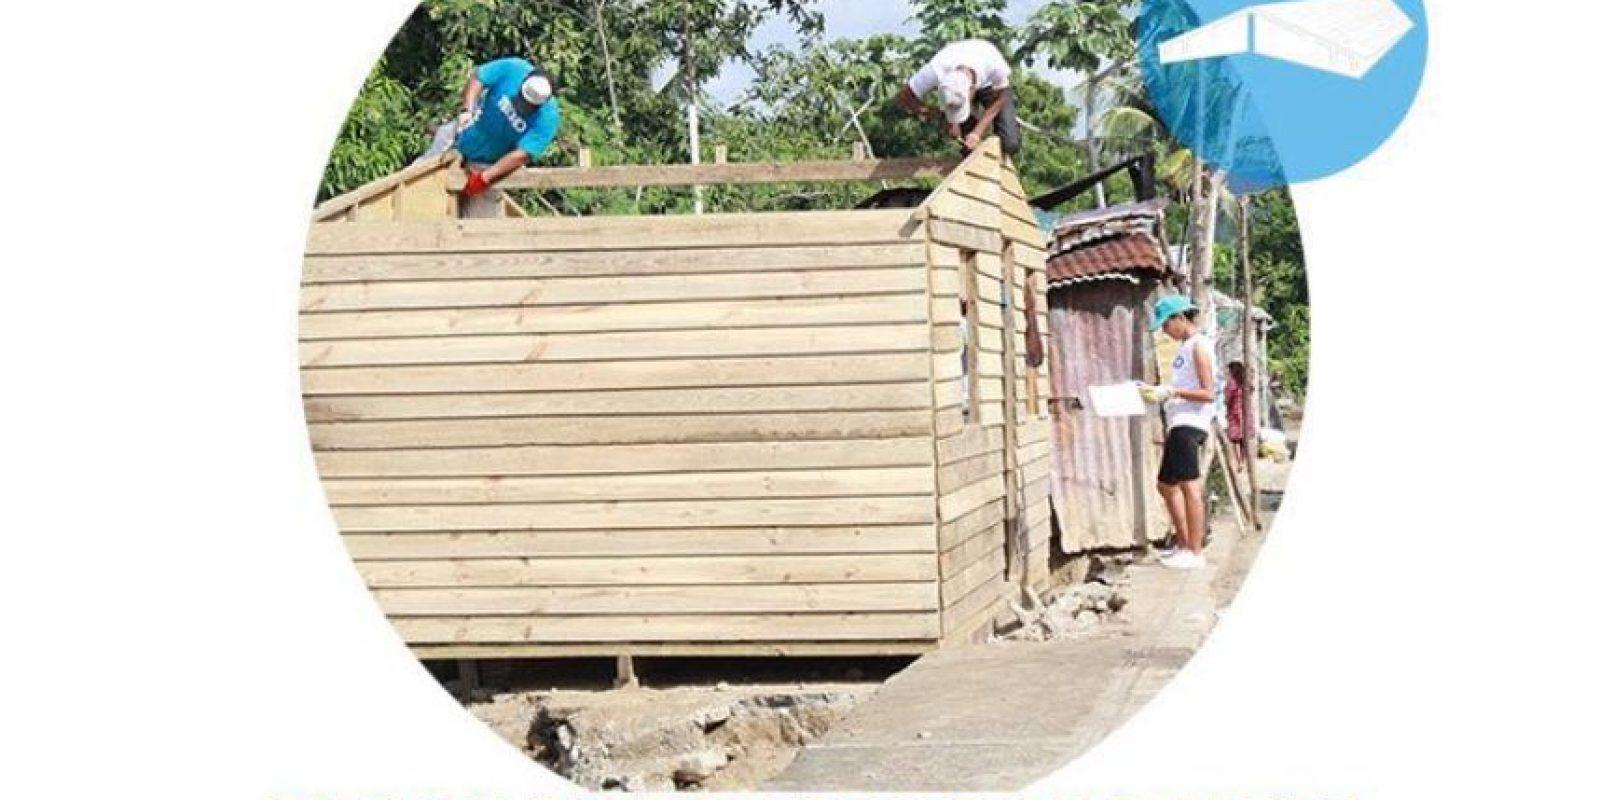 Déficit de 2.1 millones de hogares 37.4% de pobreza. Foto:Fuente externa